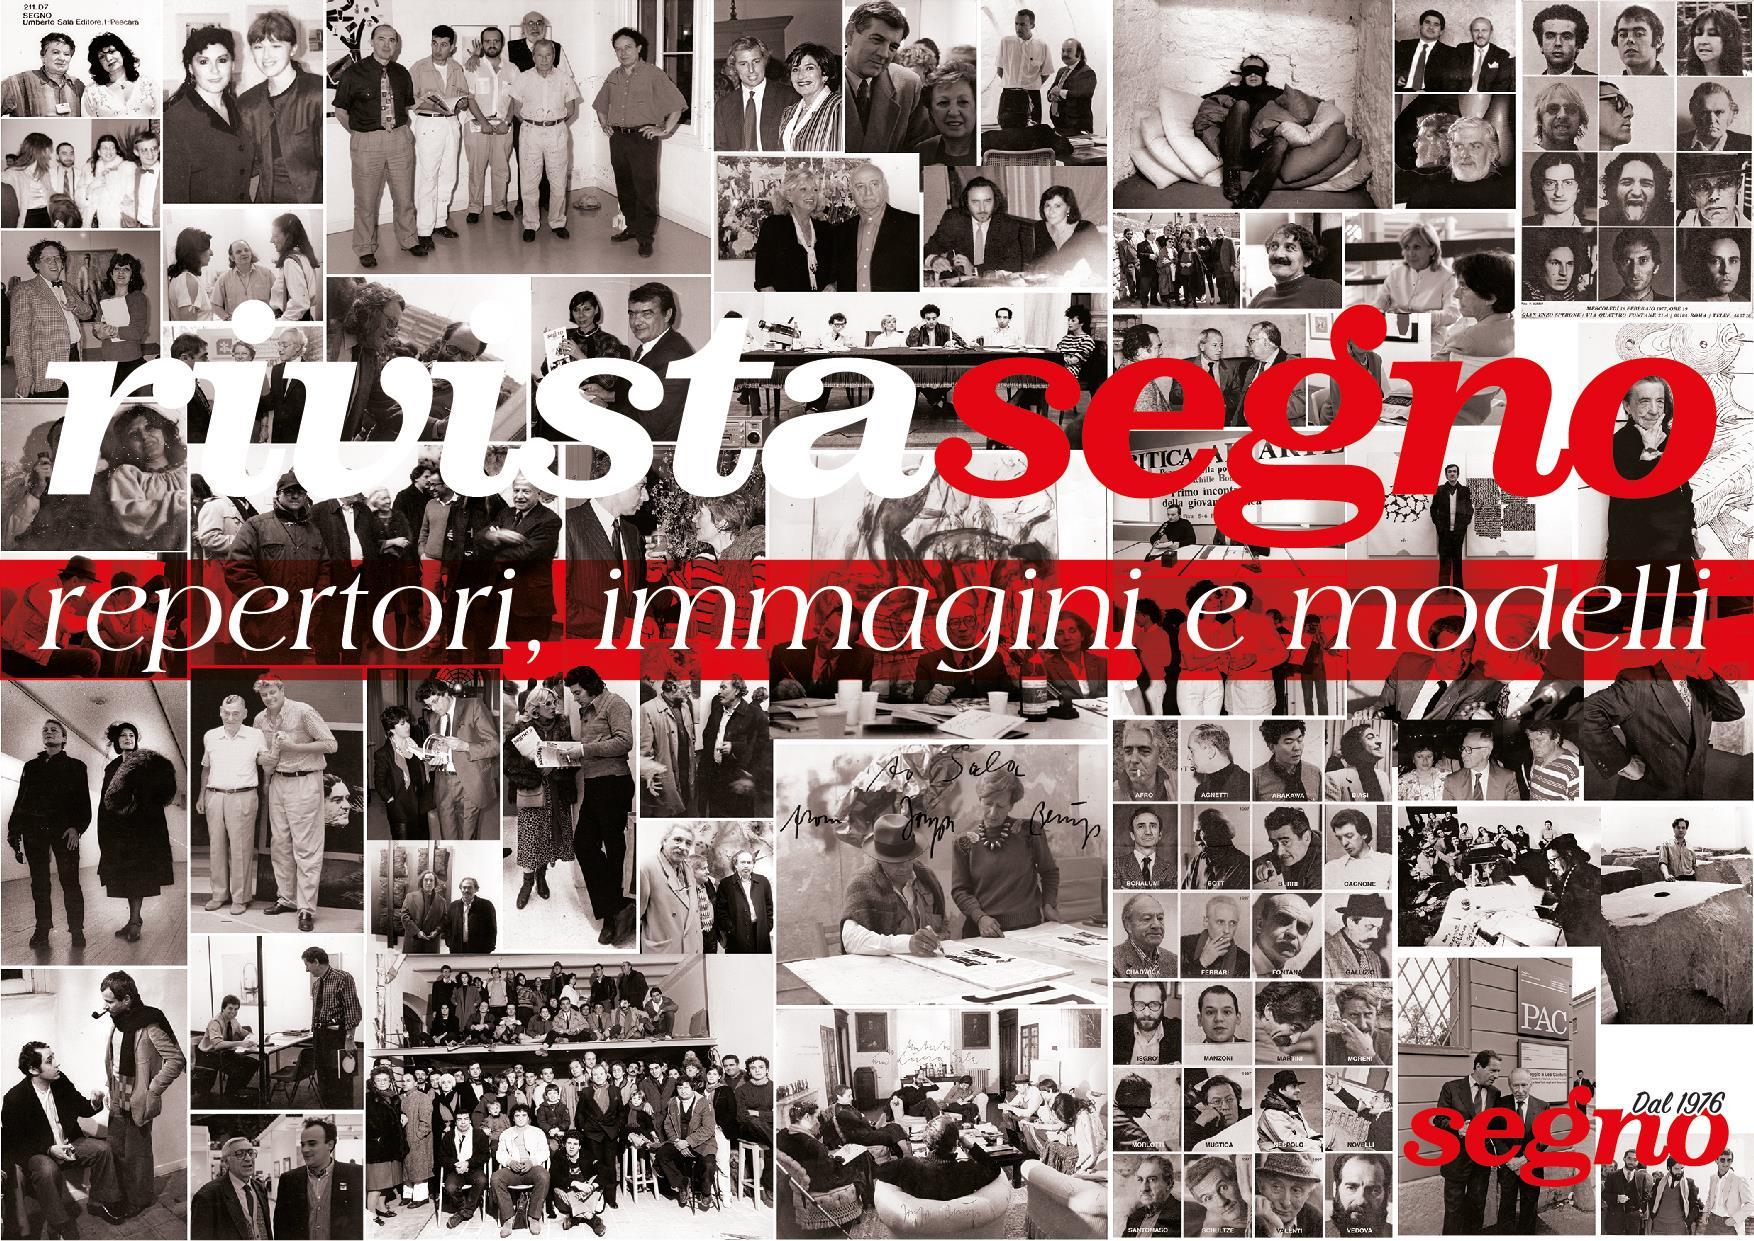 Rivista Segno: repertori, immagini e modelli